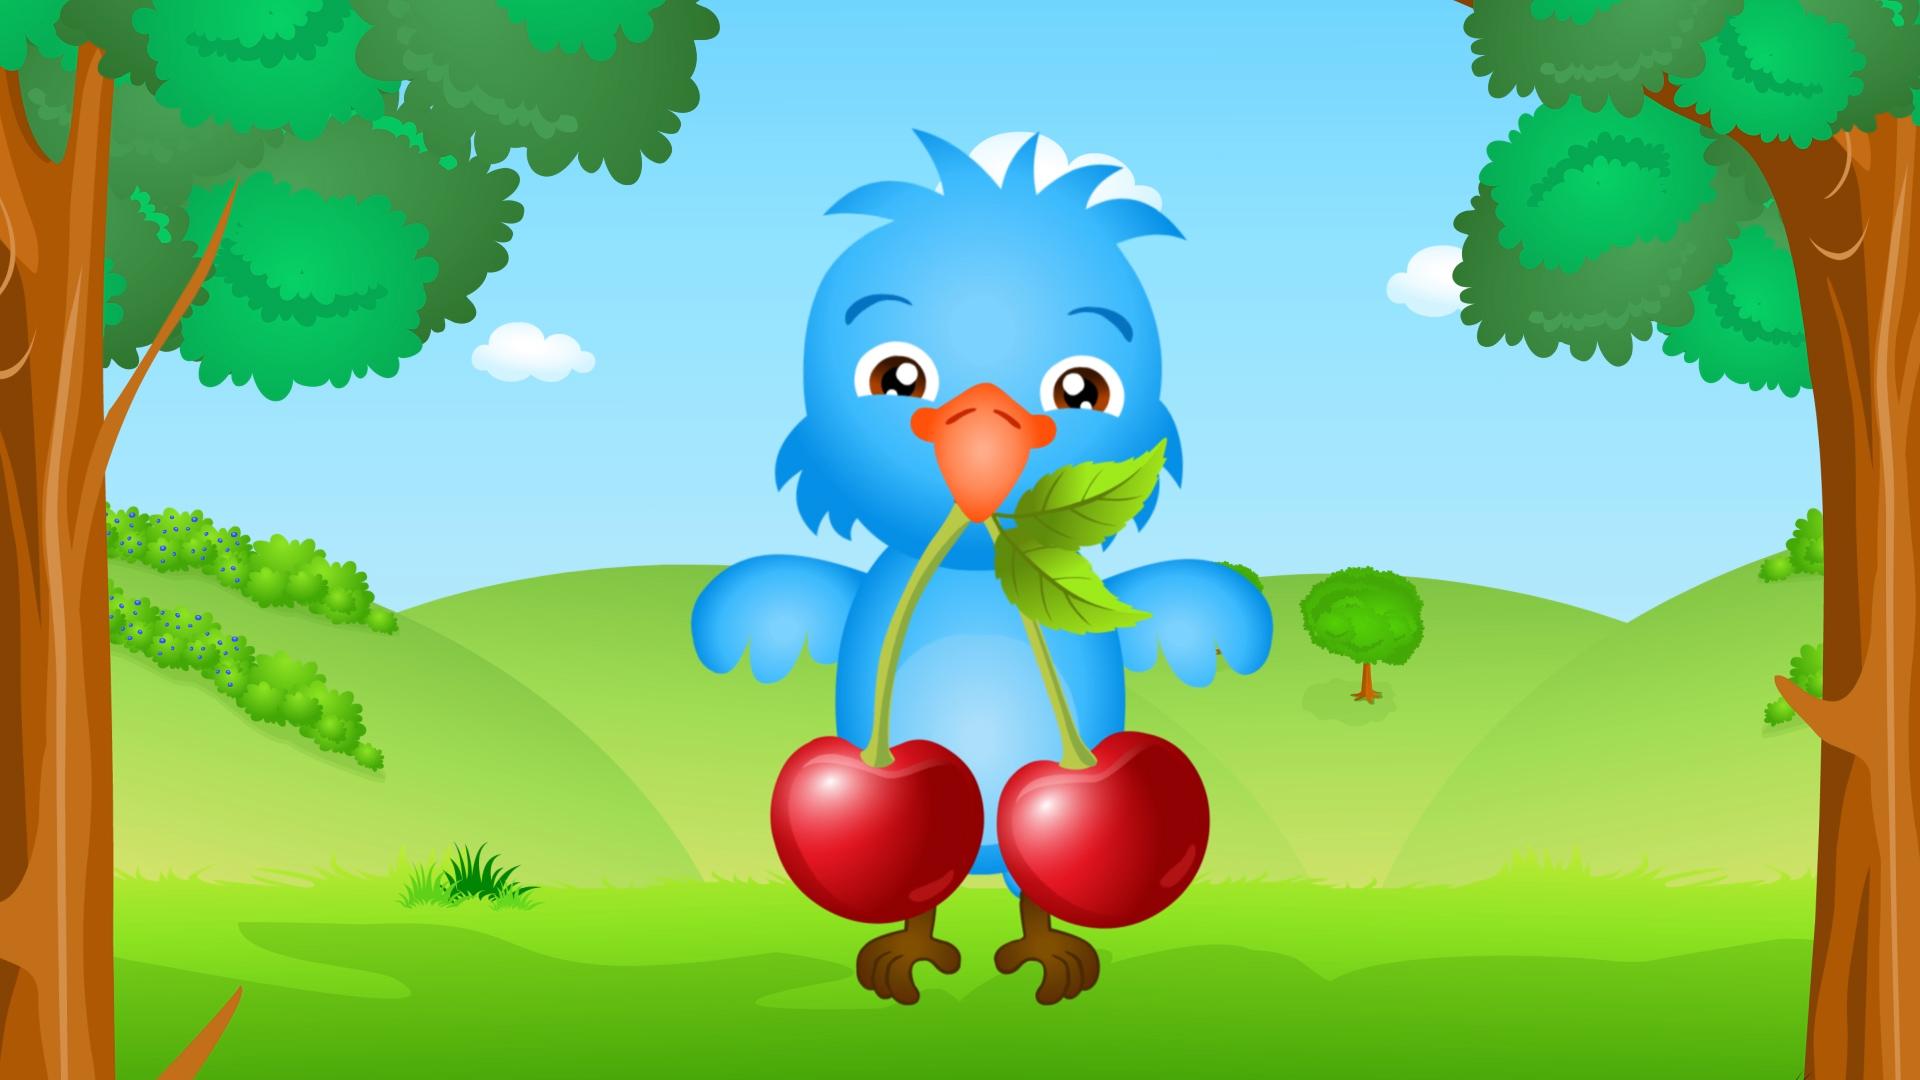 nauka_o_owocach_dla_dzieci_owoce_czeresnie